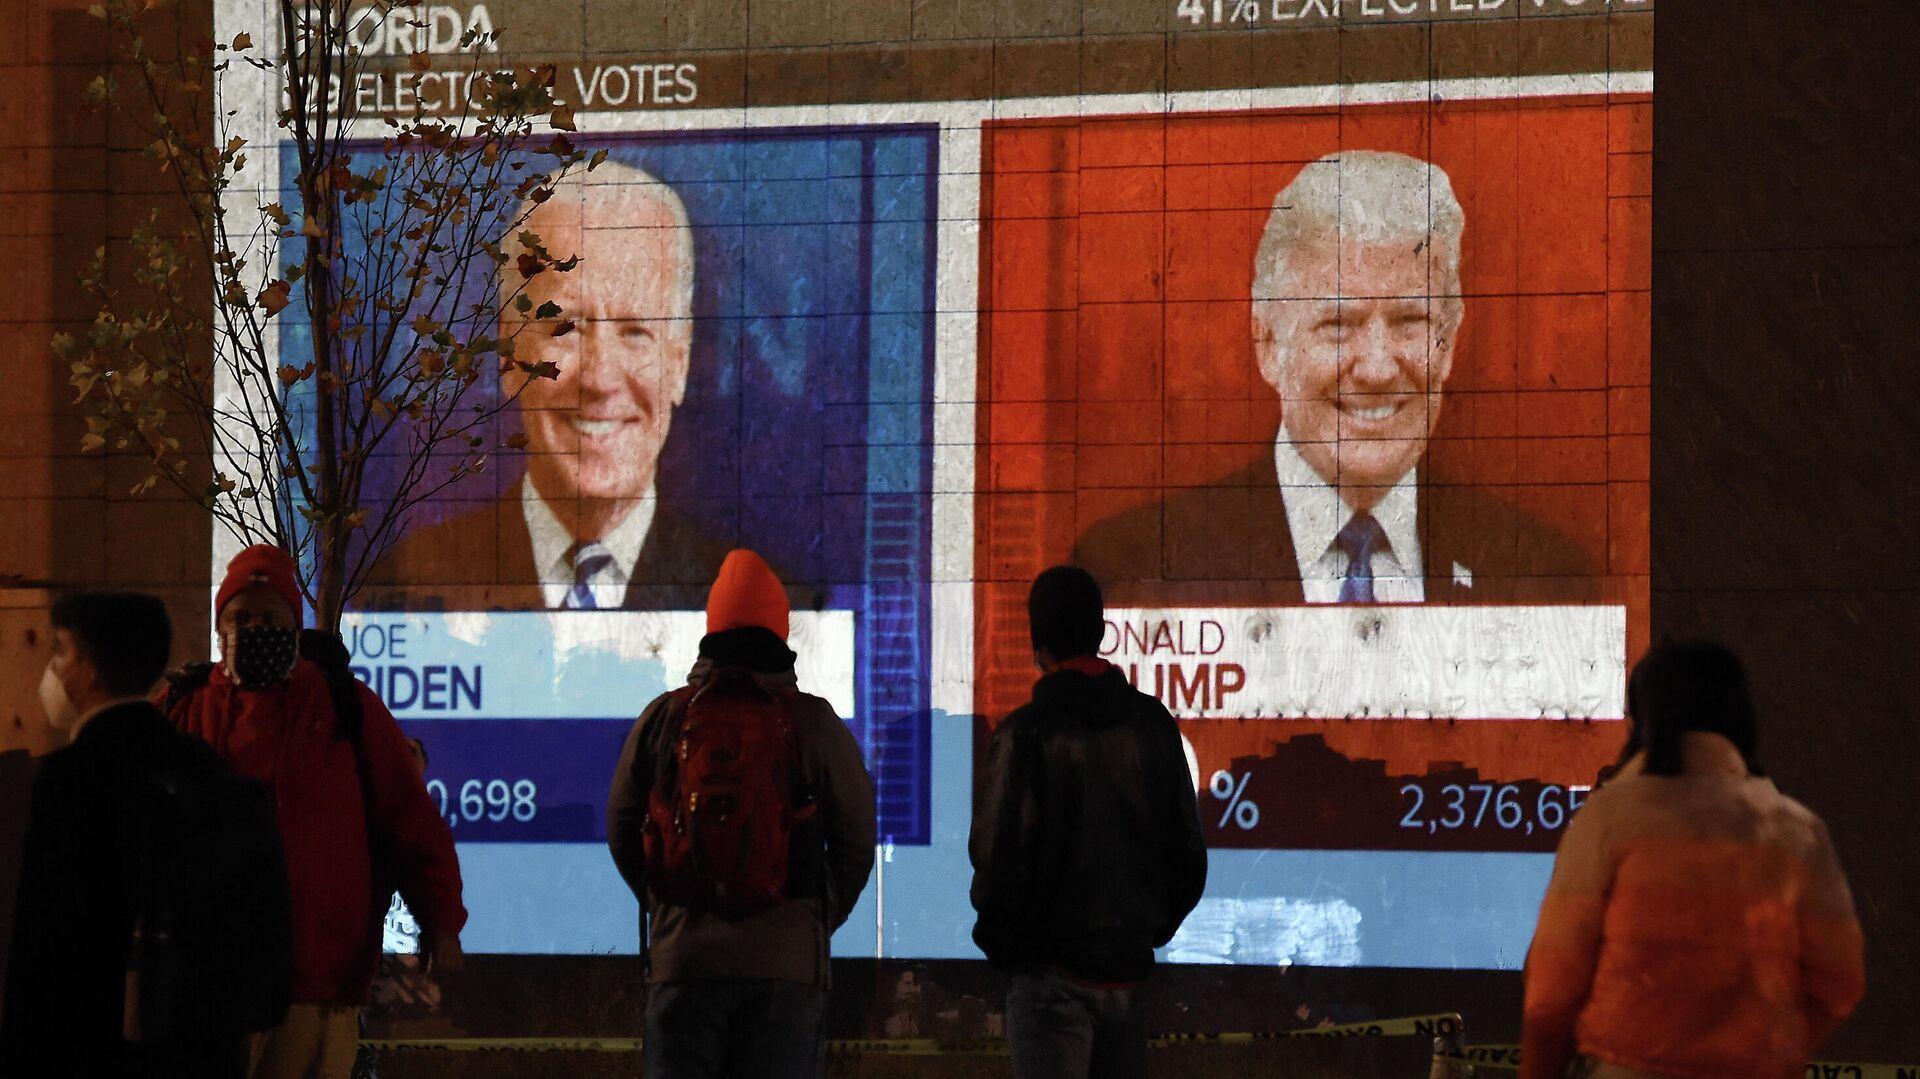 Экран с предварительным подсчетом голосов на президентских выборах в Вашингтоне, США - Sputnik Узбекистан, 1920, 08.10.2021